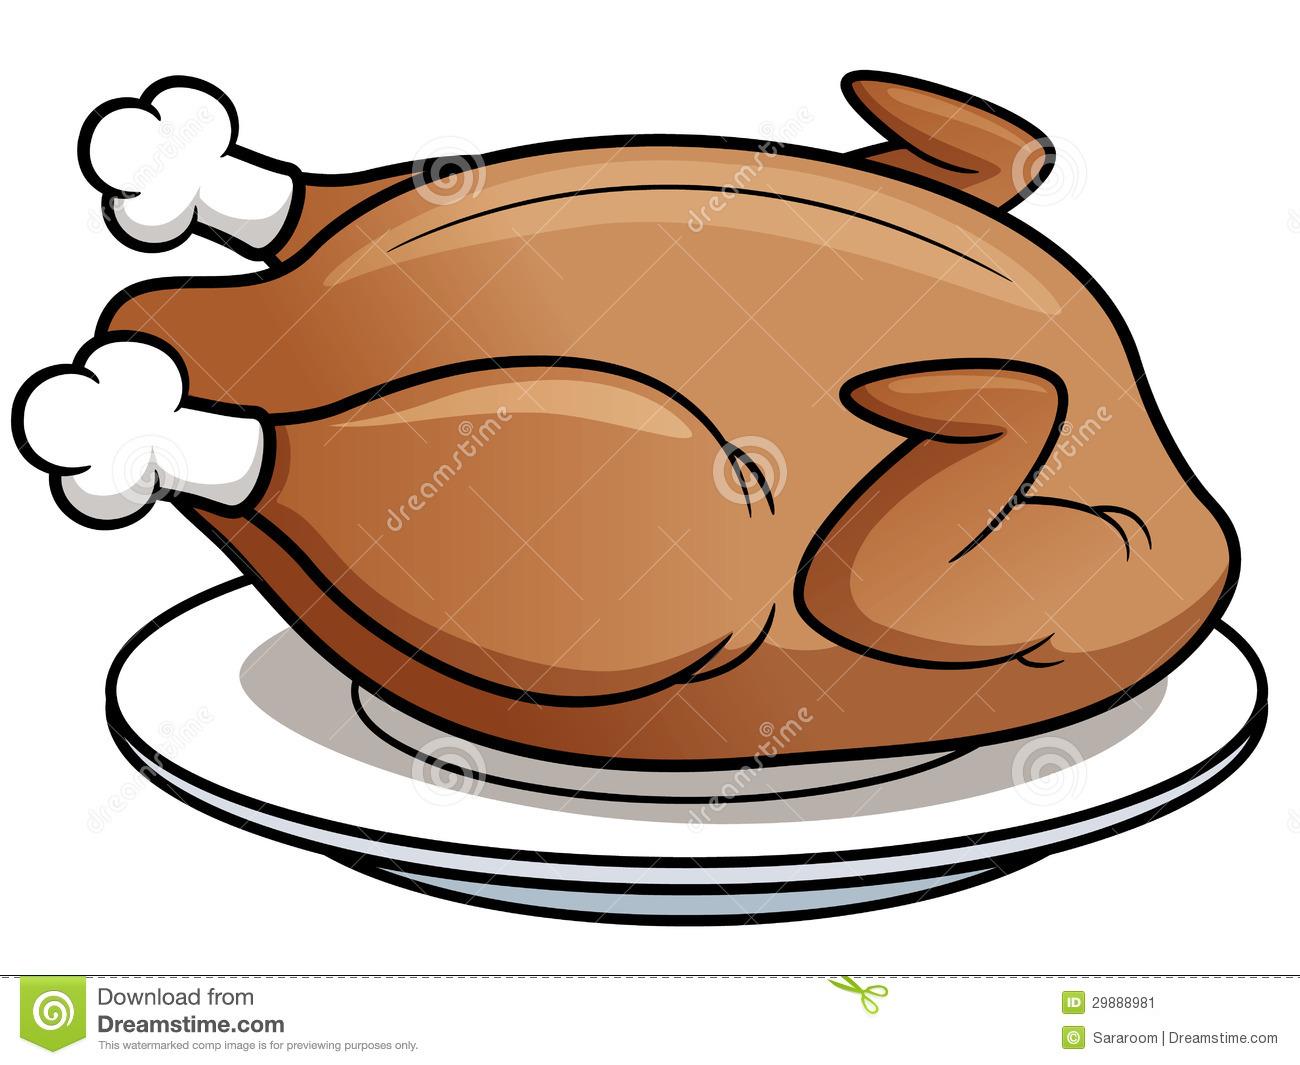 Grilled chicken clip art - photo#19